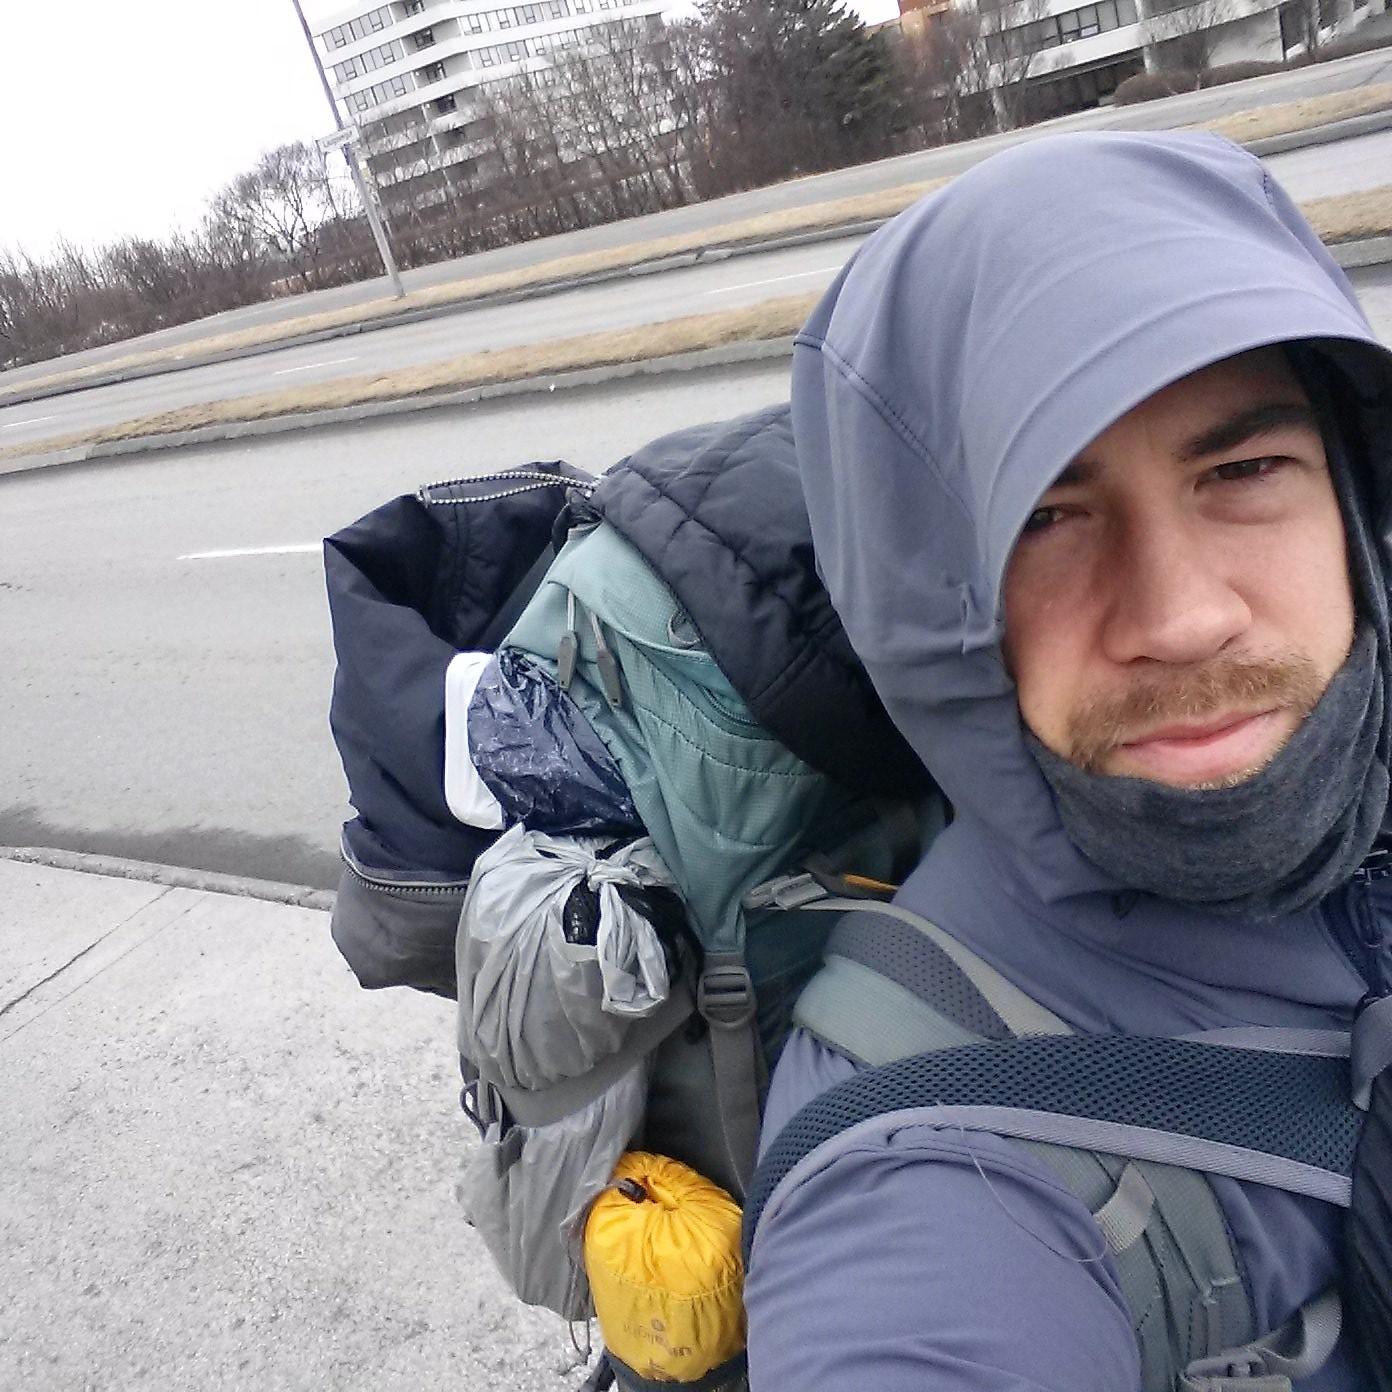 backpack globetrotter recording